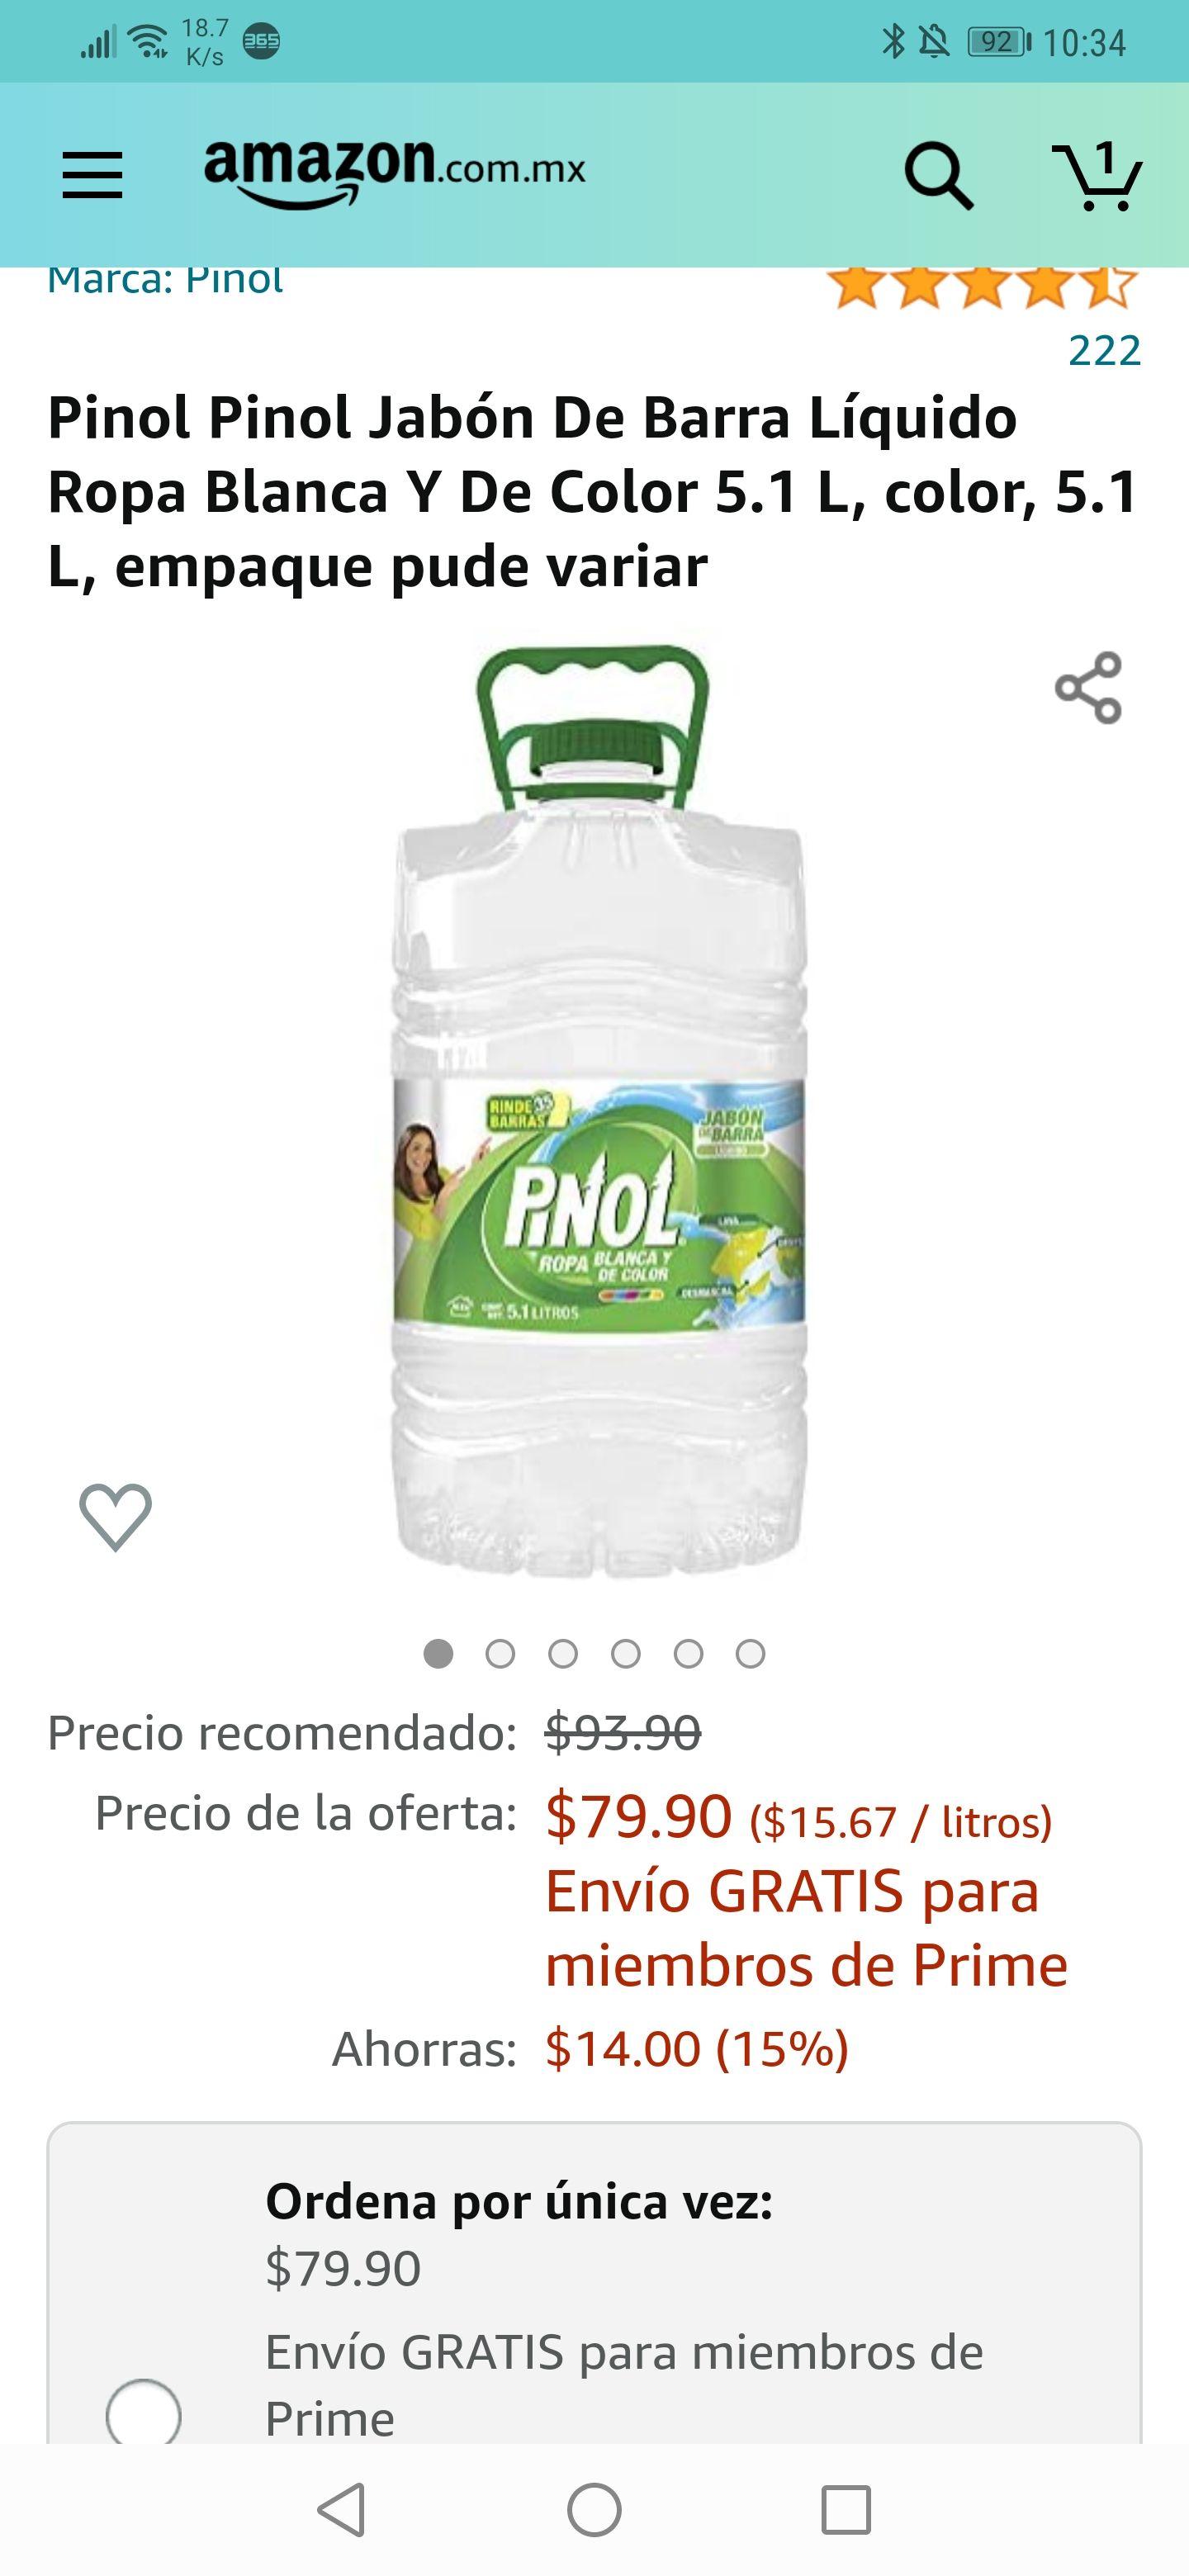 Amazon: Pinol Pinol Jabón De Barra Líquido Ropa Blanca Y De Color 5.1 L